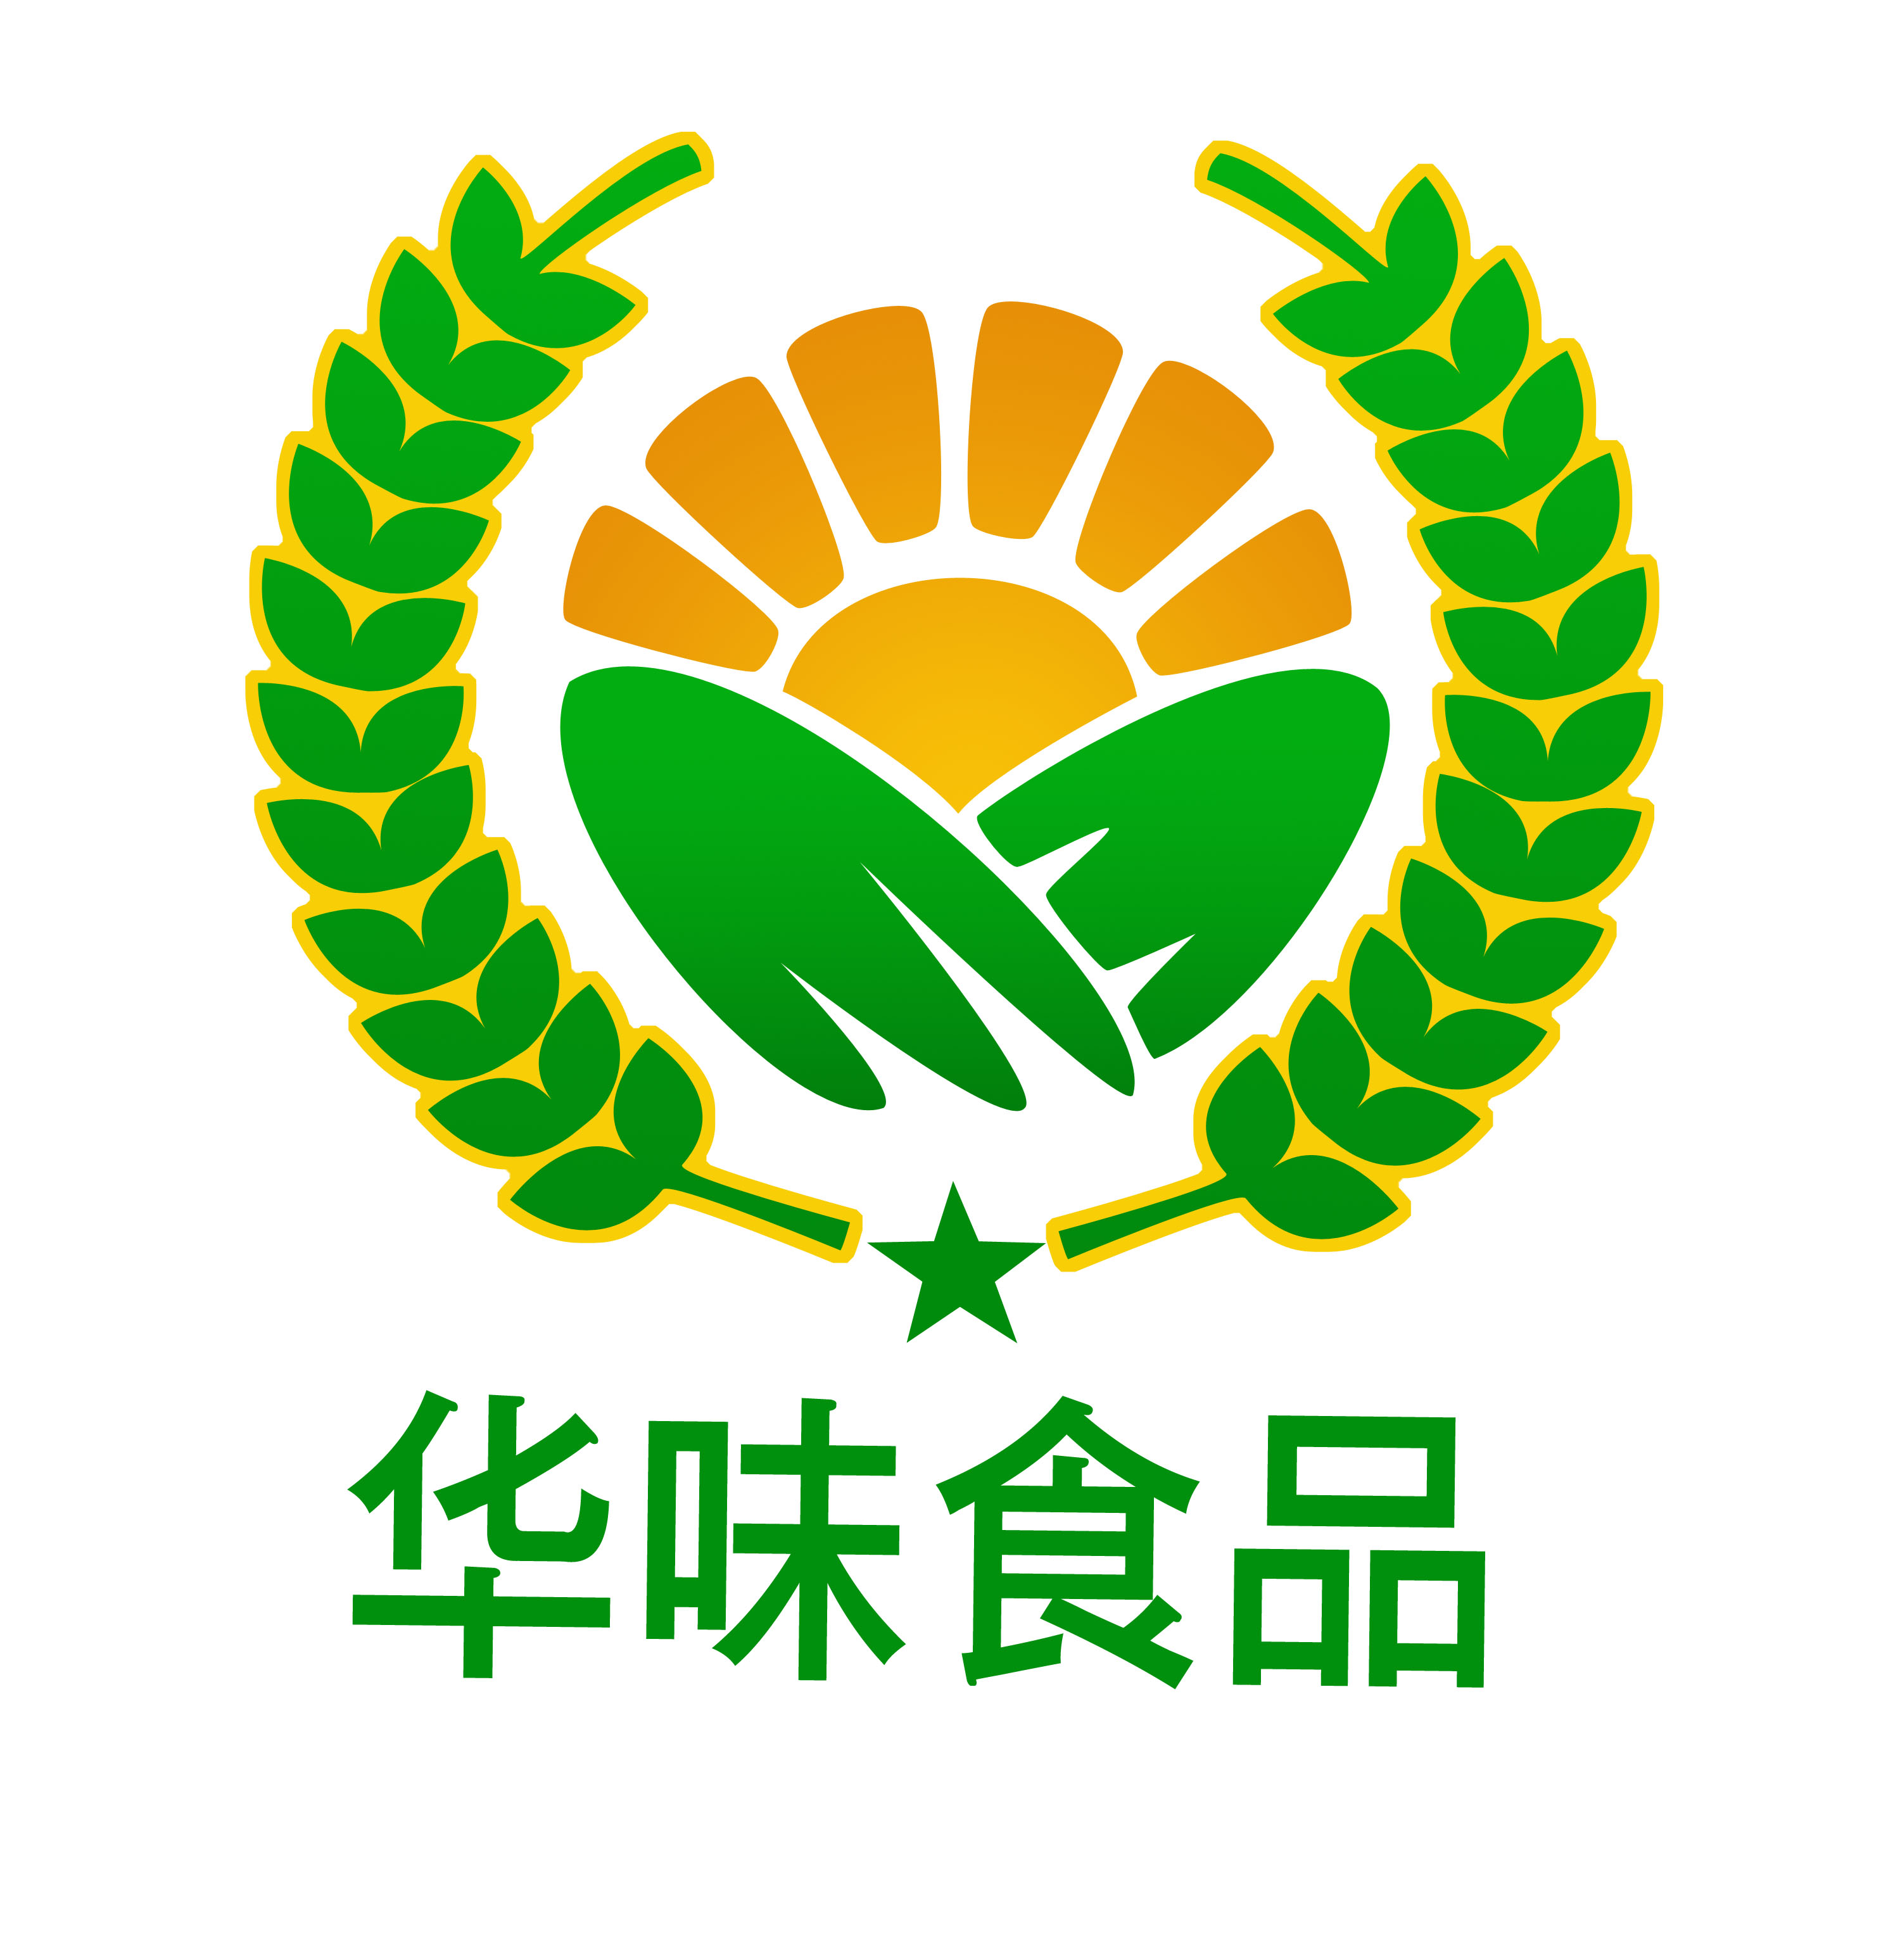 产品logo及公司logo设计_云艺设计_logo设计_1609213